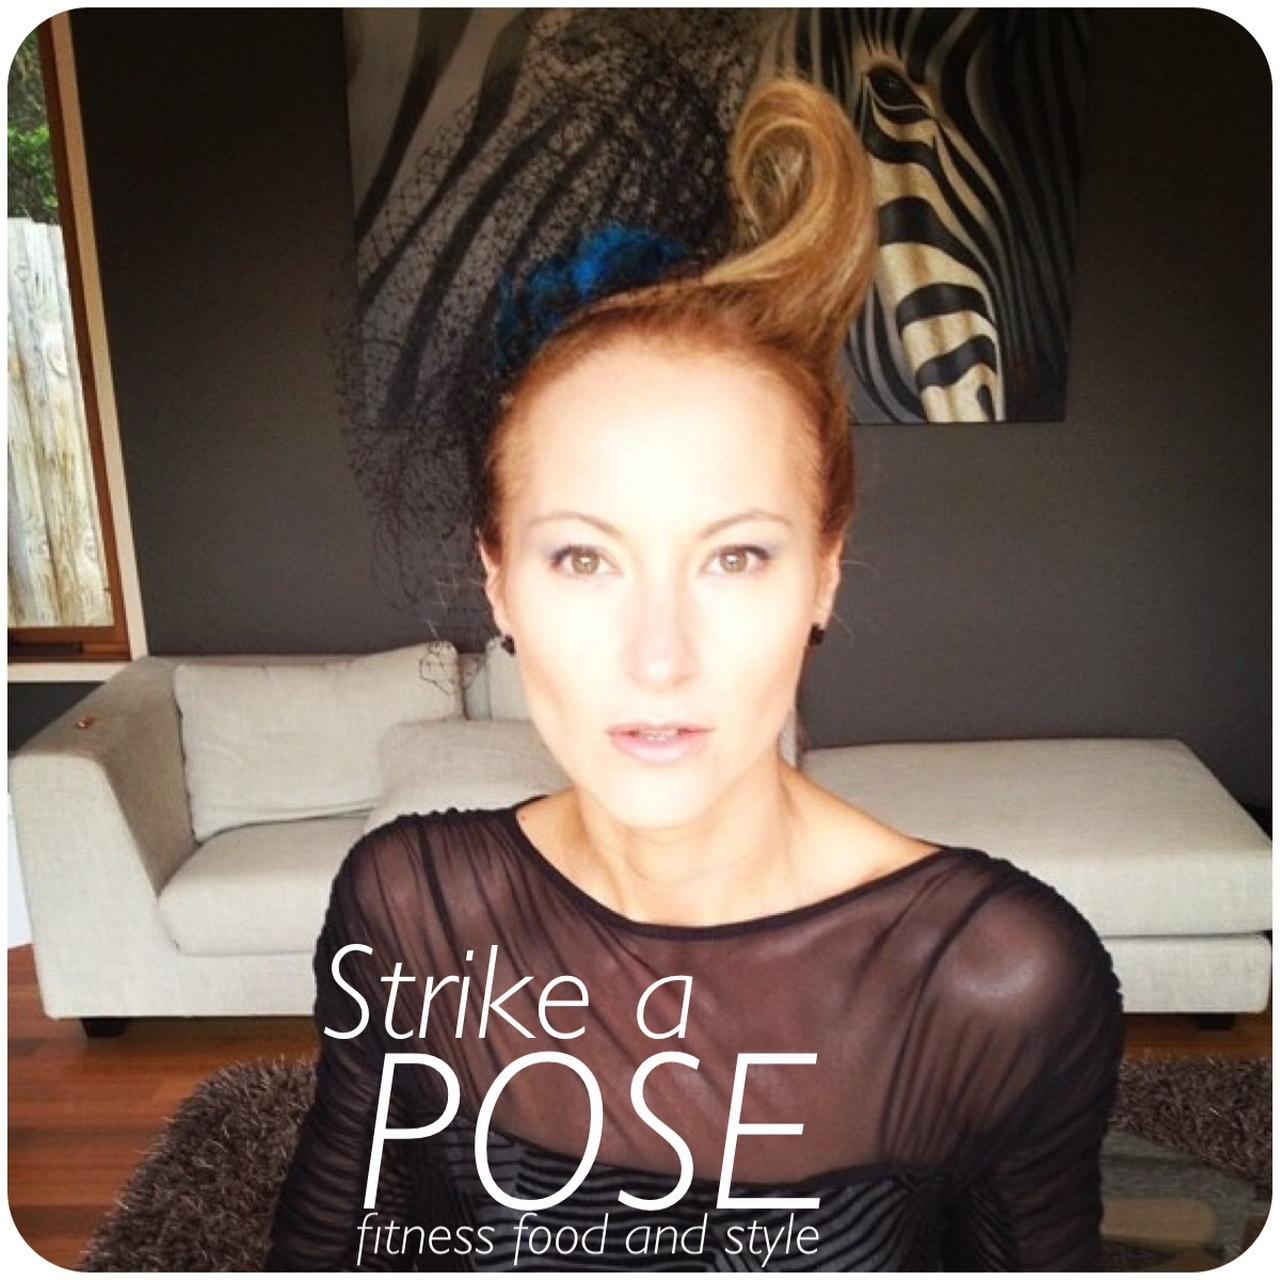 http://3.bp.blogspot.com/-i5Kq5za8b6g/UJuqjakSCqI/AAAAAAAAGHE/uA18JxW3snA/s1600/dani+blog+fascinator+front+pose.jpeg